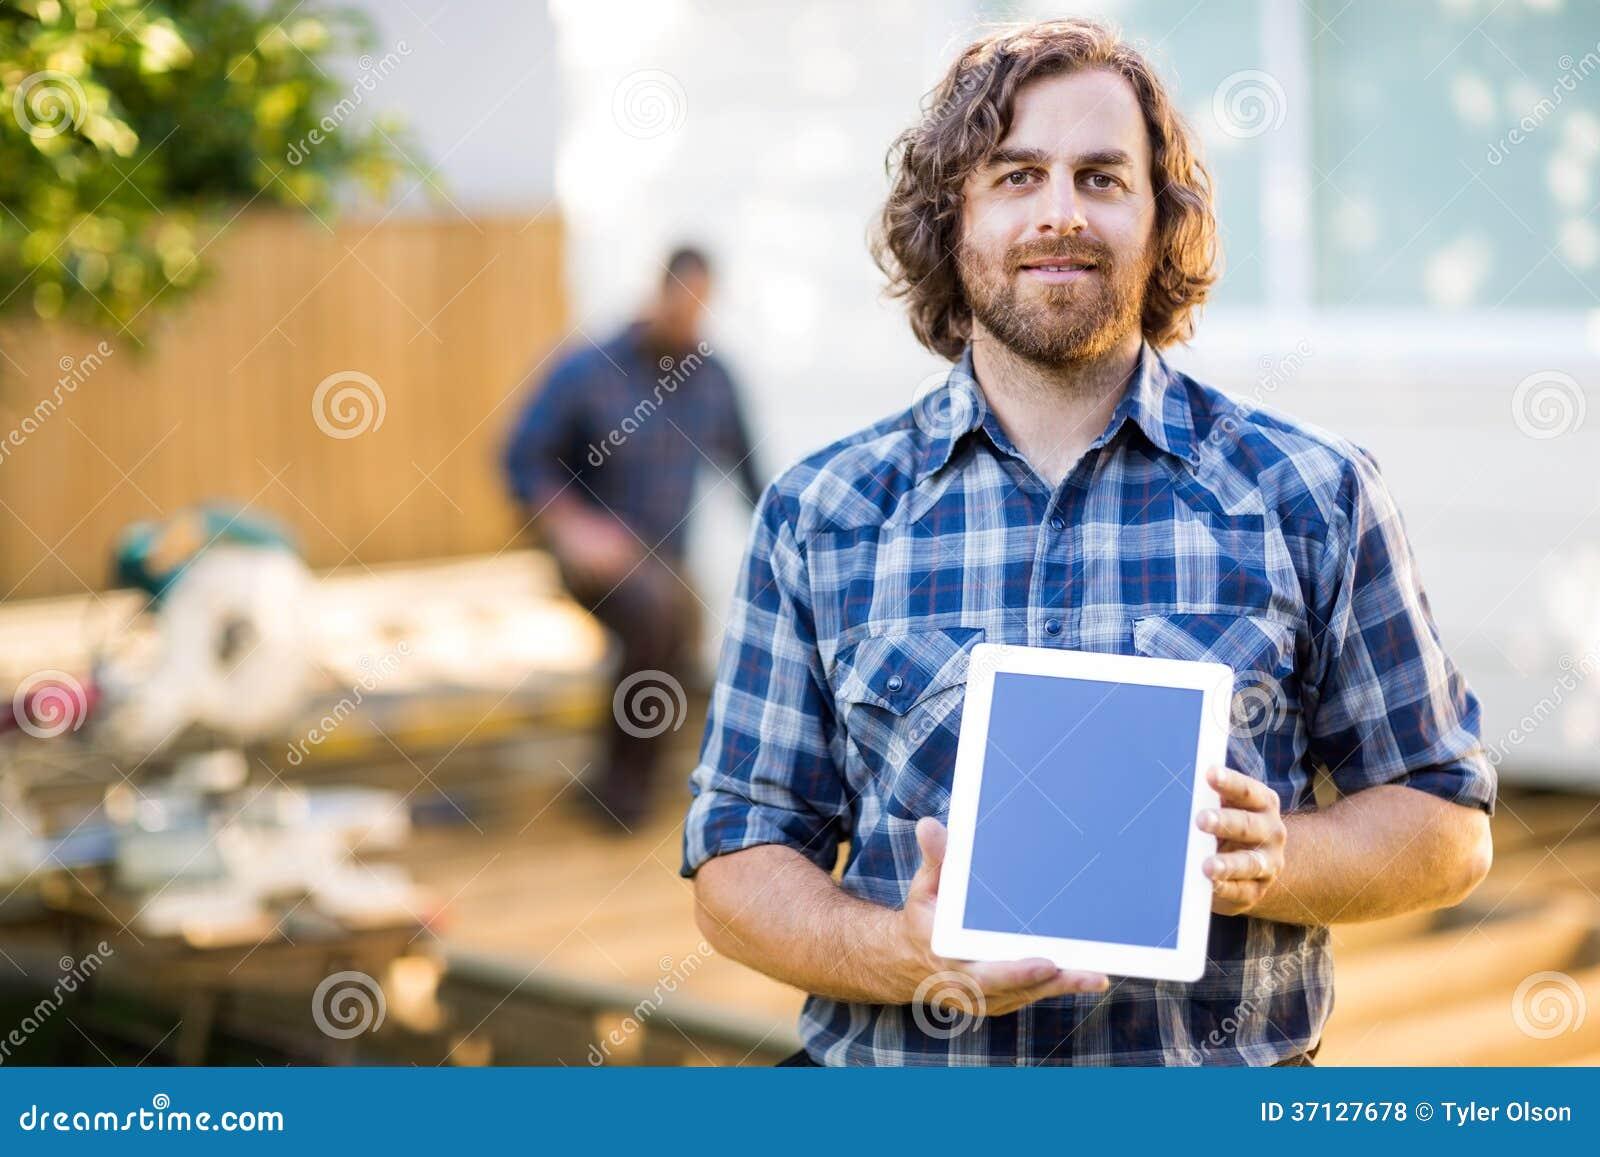 Carpintero Displaying Tablet Computer con el compañero de trabajo